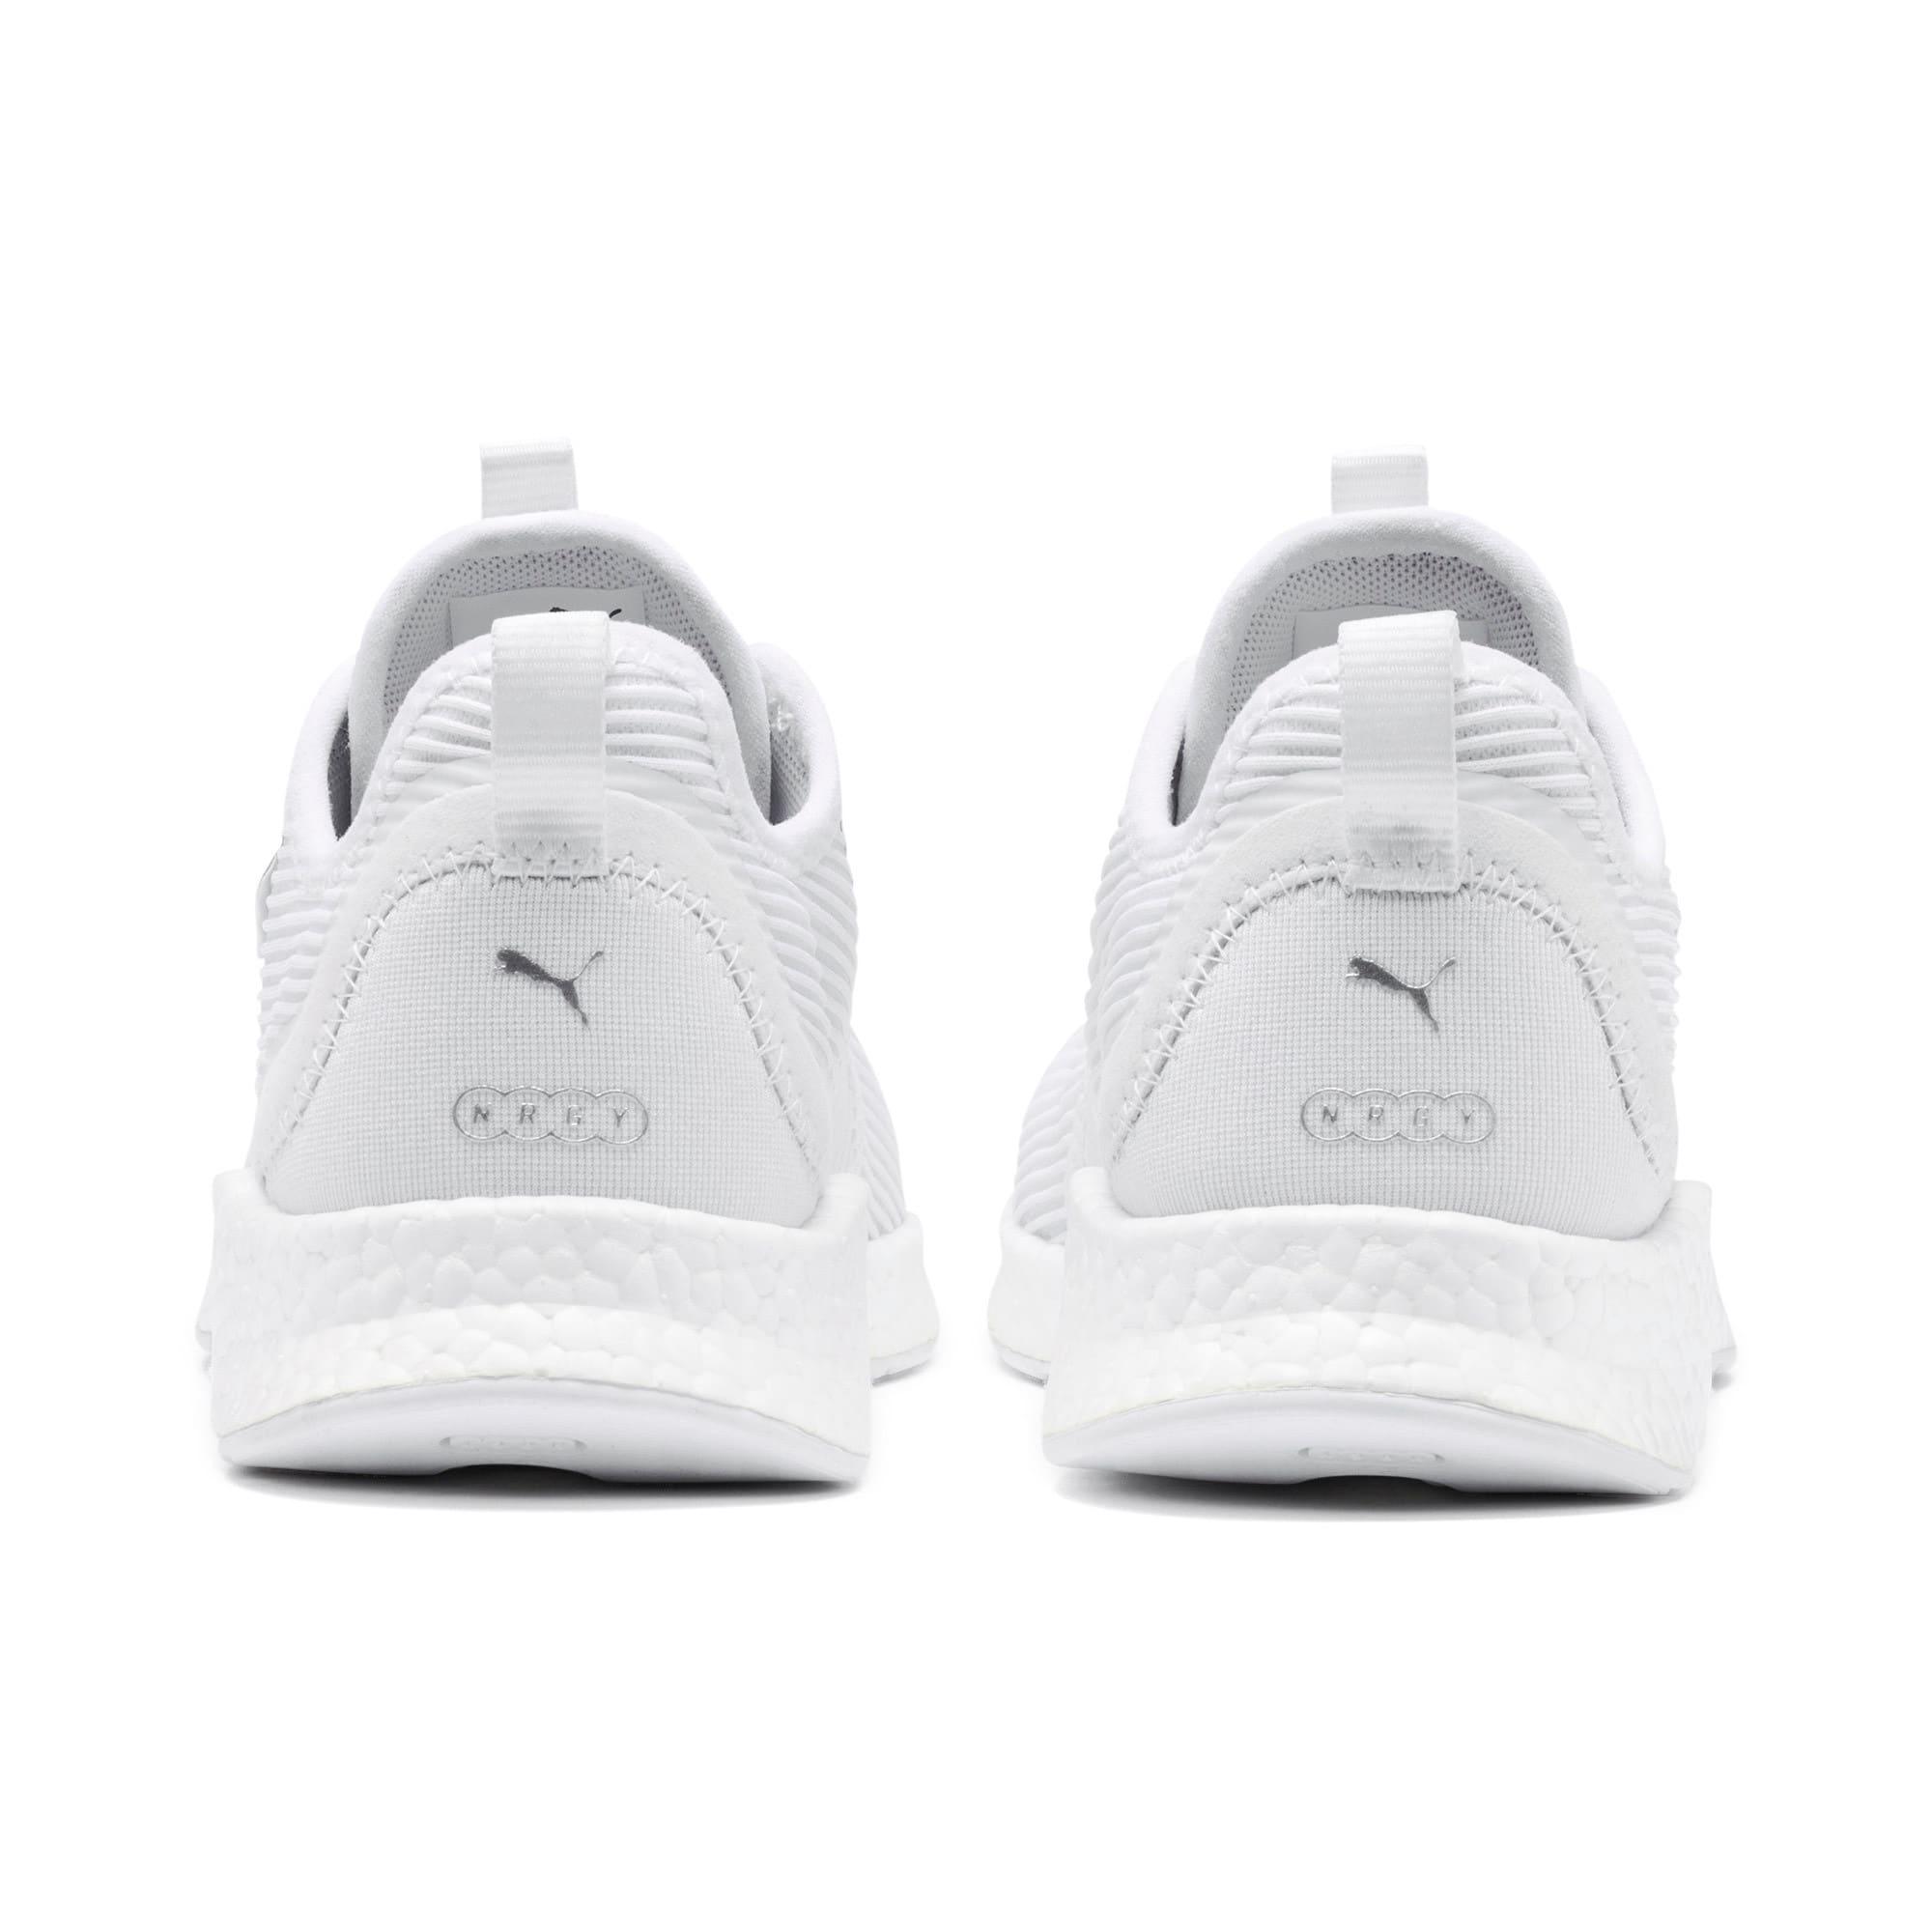 Miniatura 4 de Zapatos para correr NRGY Star Femme para mujer, Puma White-Puma Silver, mediano